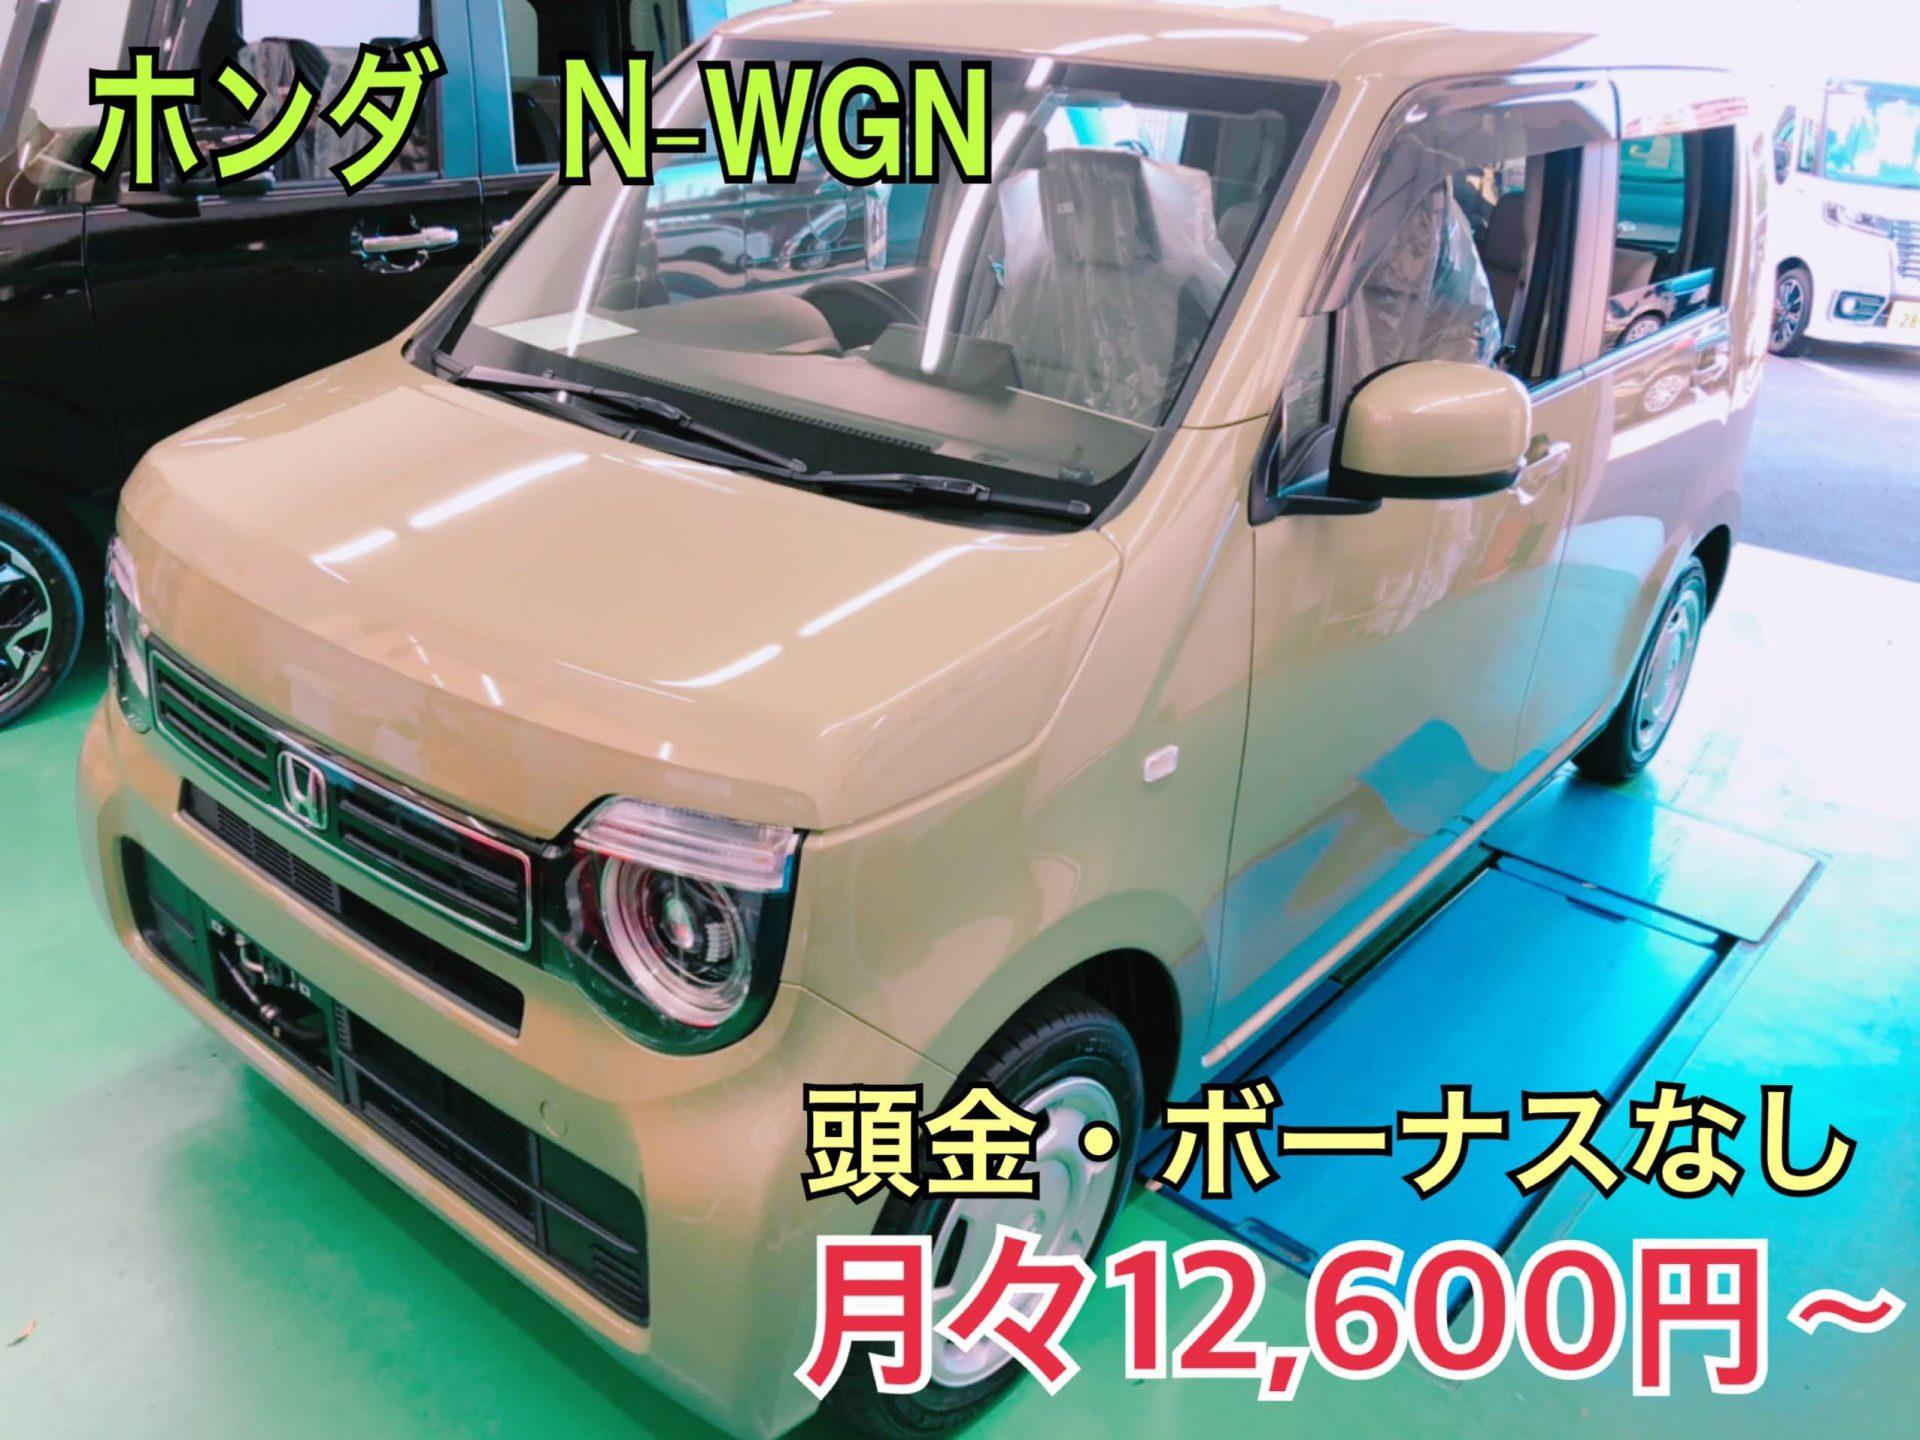 新車 エヌワゴン(N -WGN) 安い